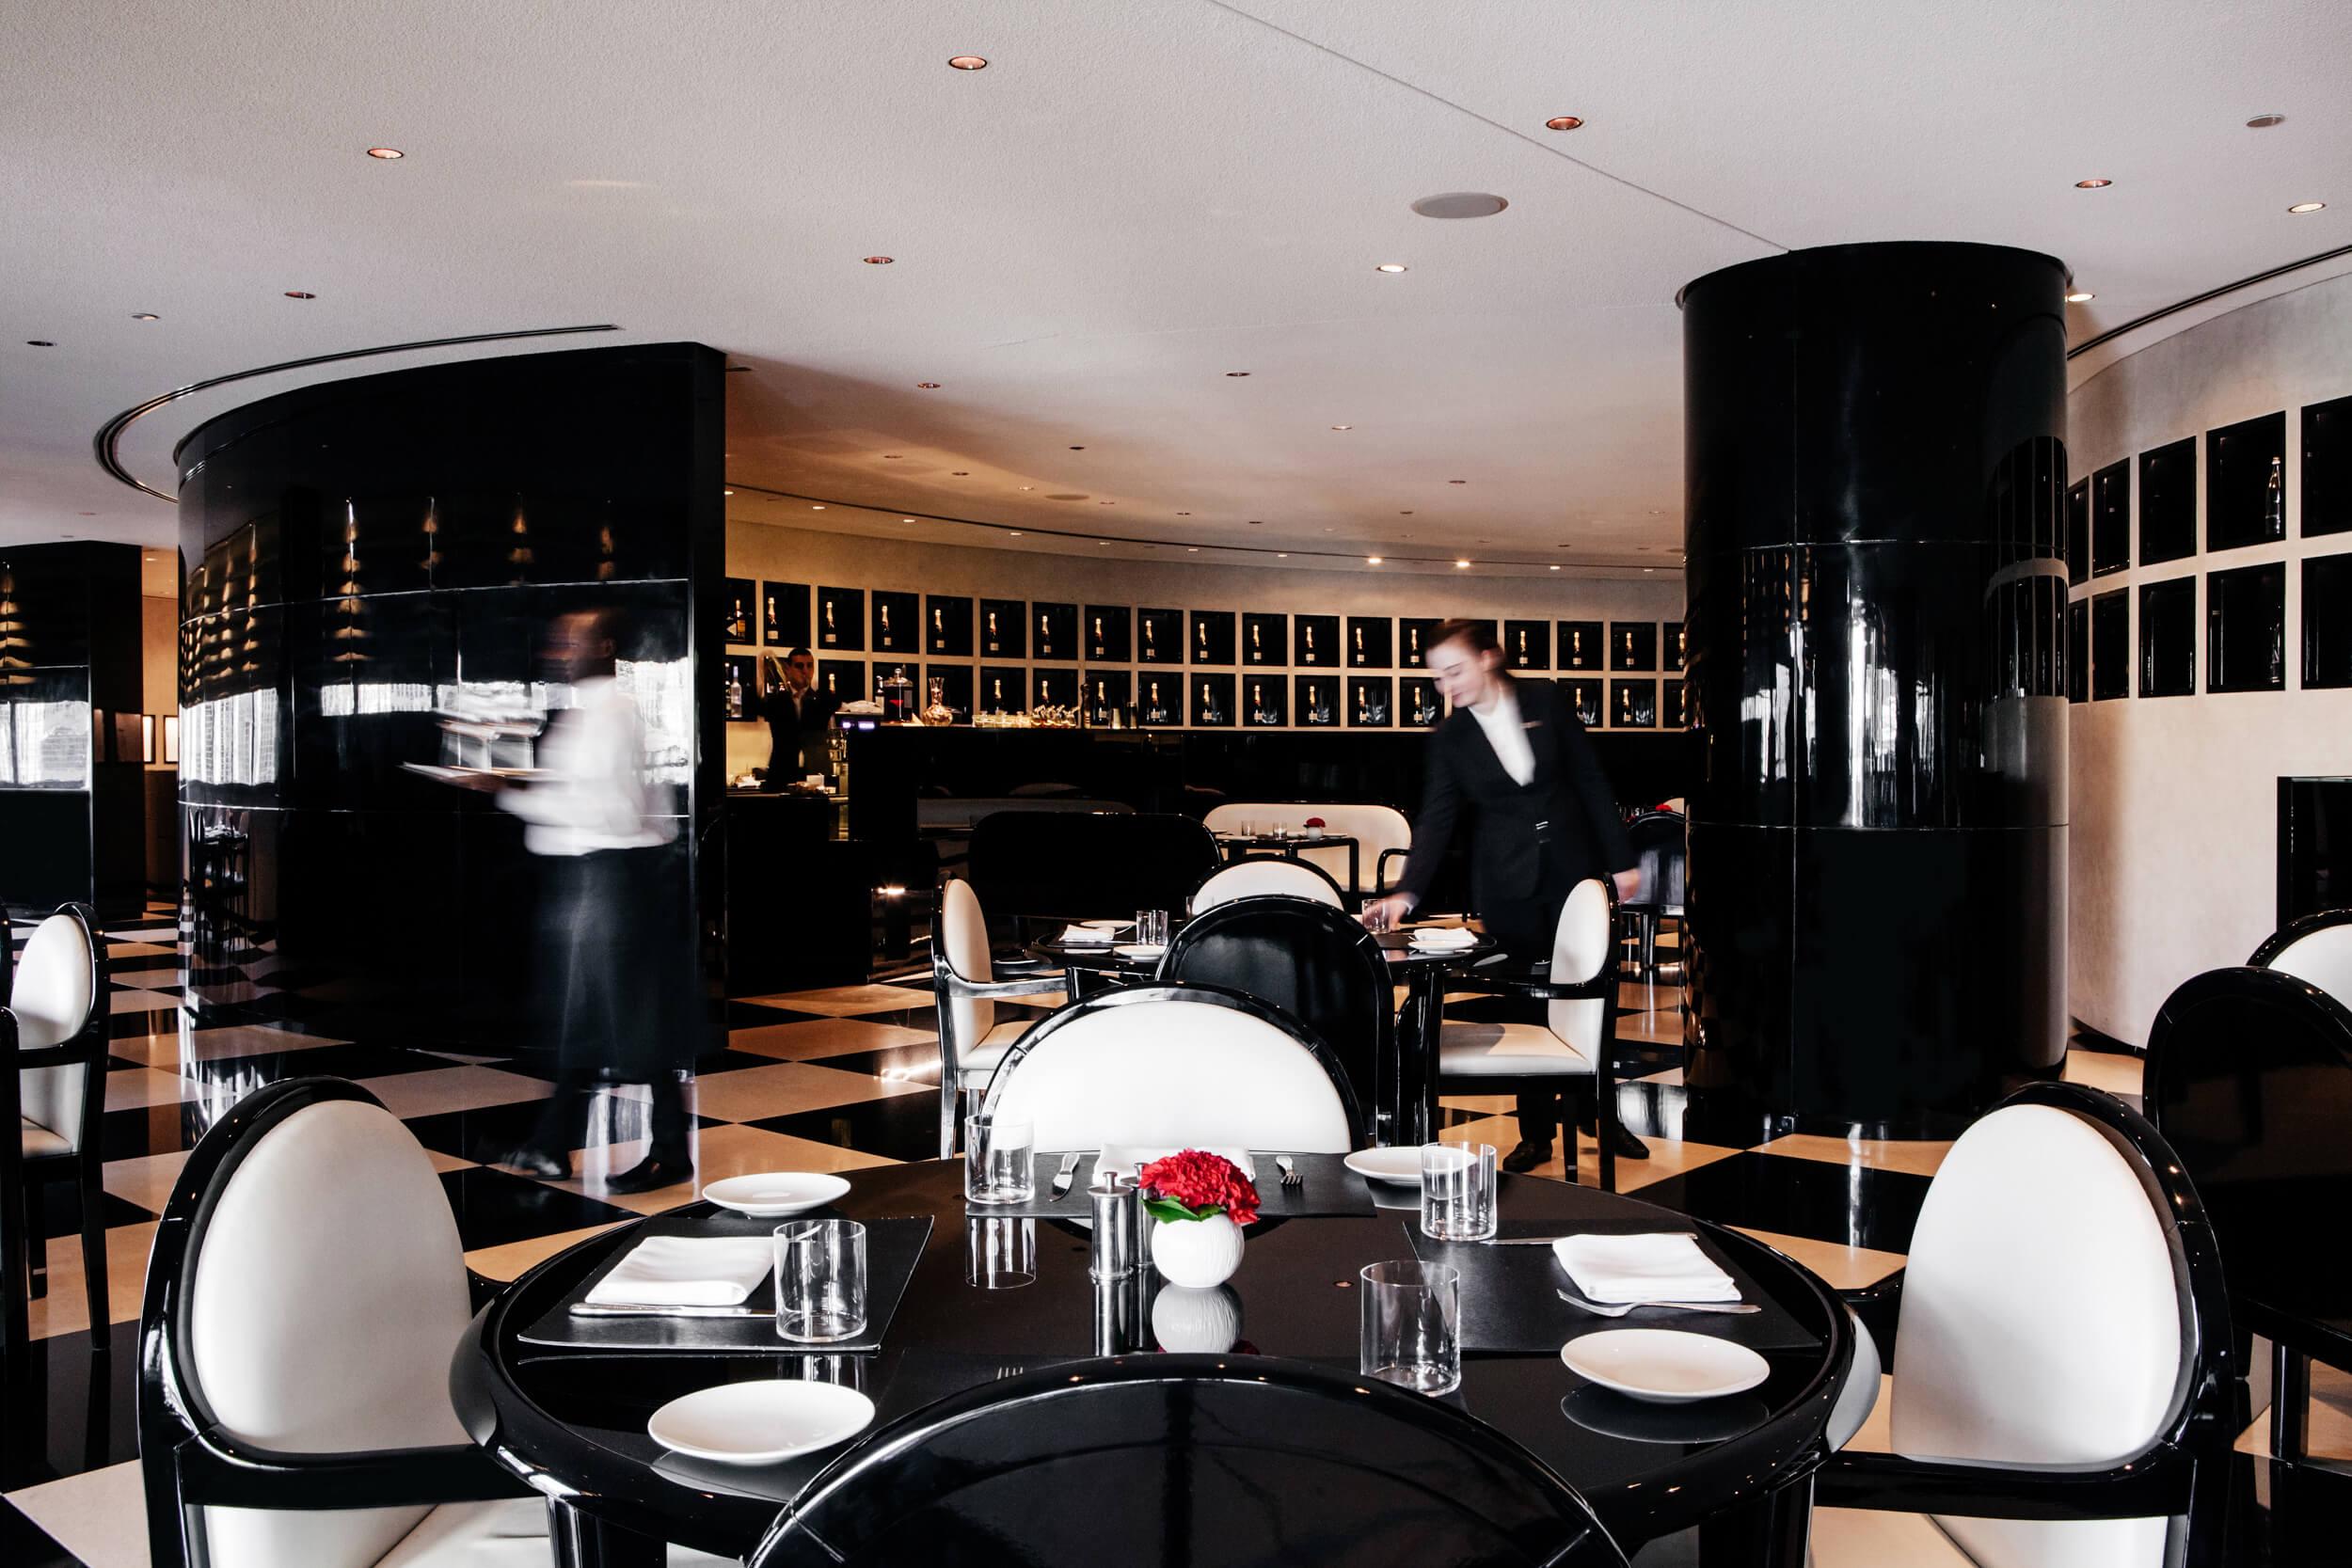 Restaurante Armani Deli